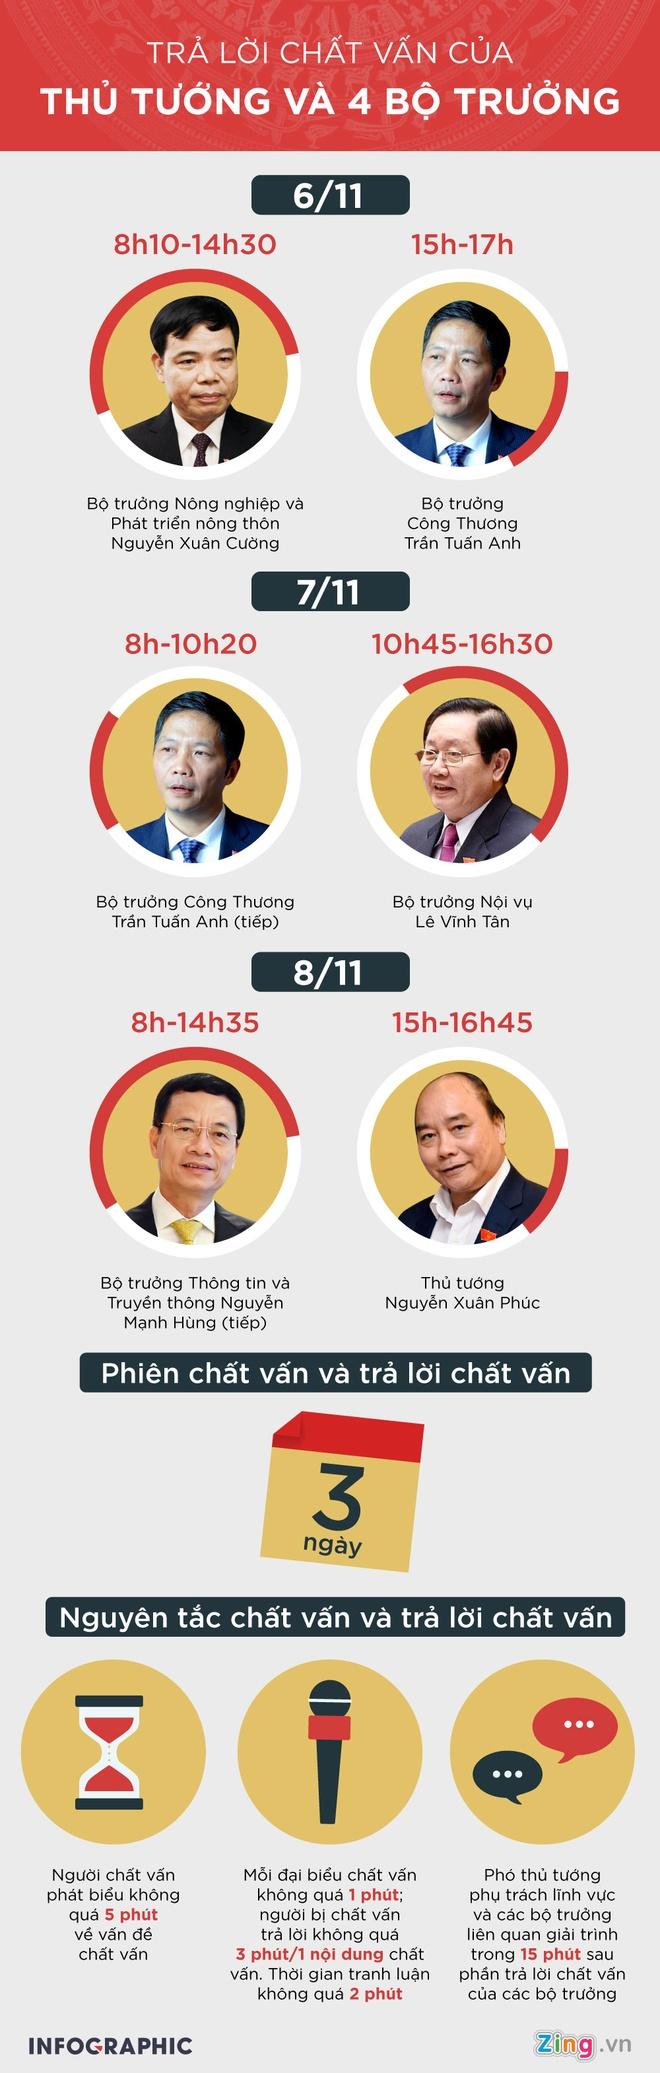 Bo truong Tuan Anh: Vu viec 'duong luoi bo' cho thay lo hong phap ly hinh anh 1